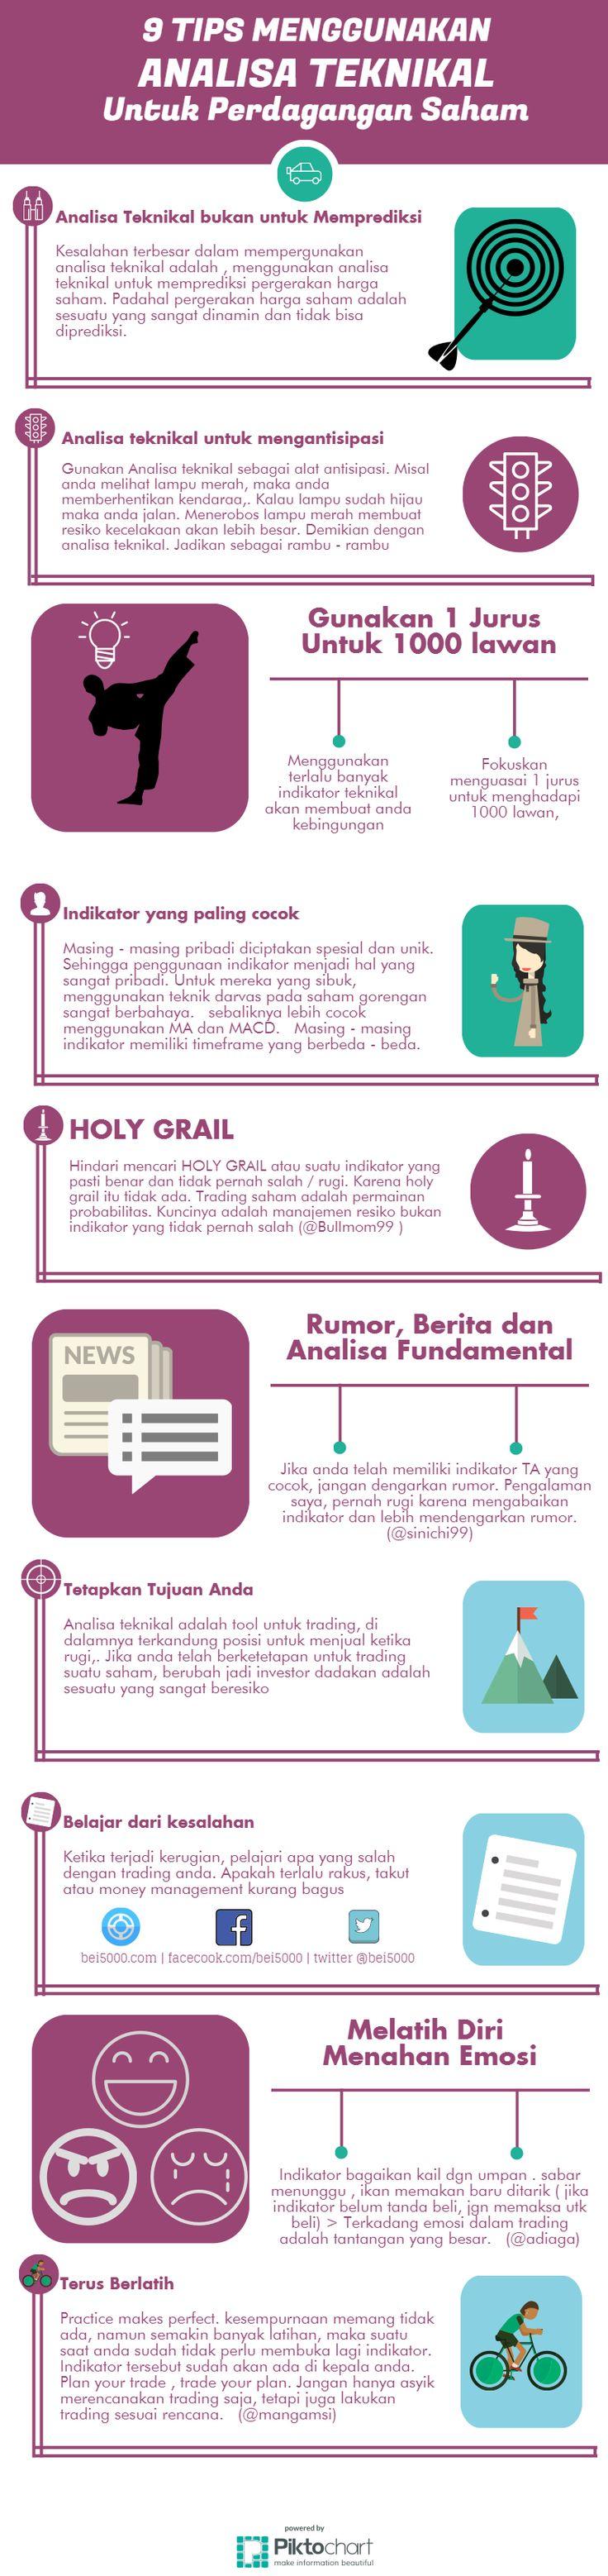 9 Tips Menggunakan Analisa Teknikal